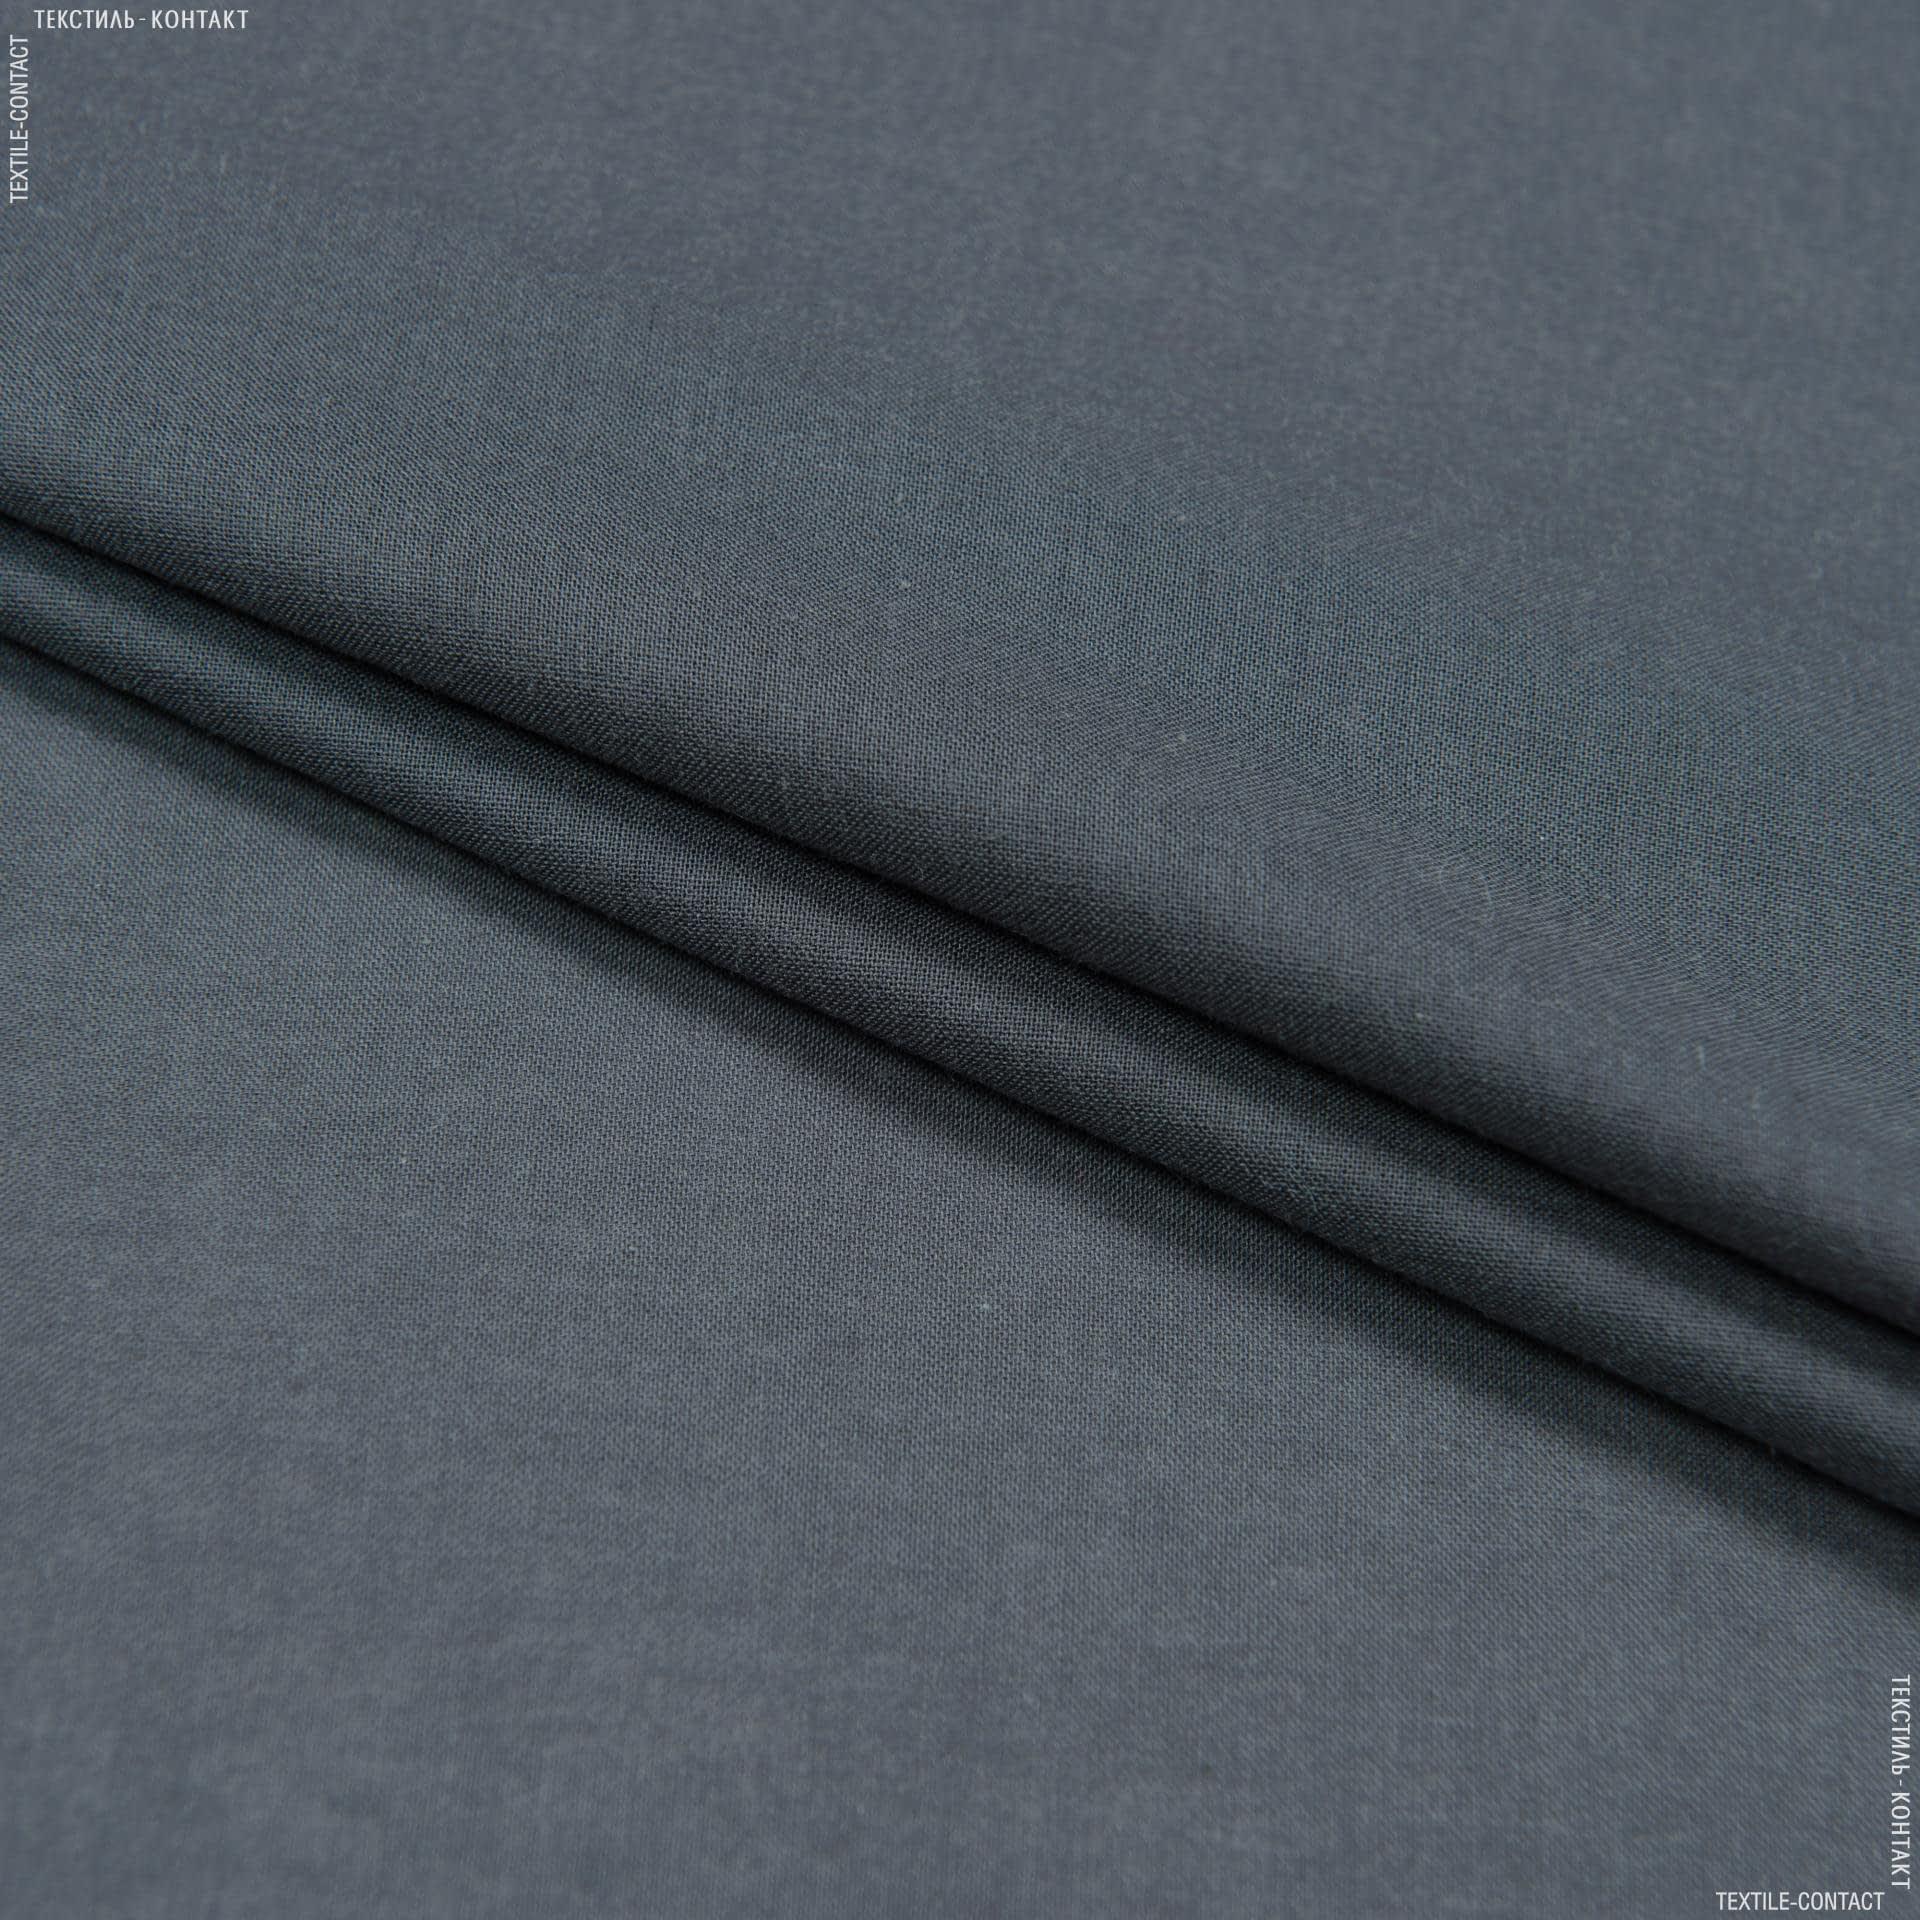 Тканини для дитячого одягу - Батист темно-сірий